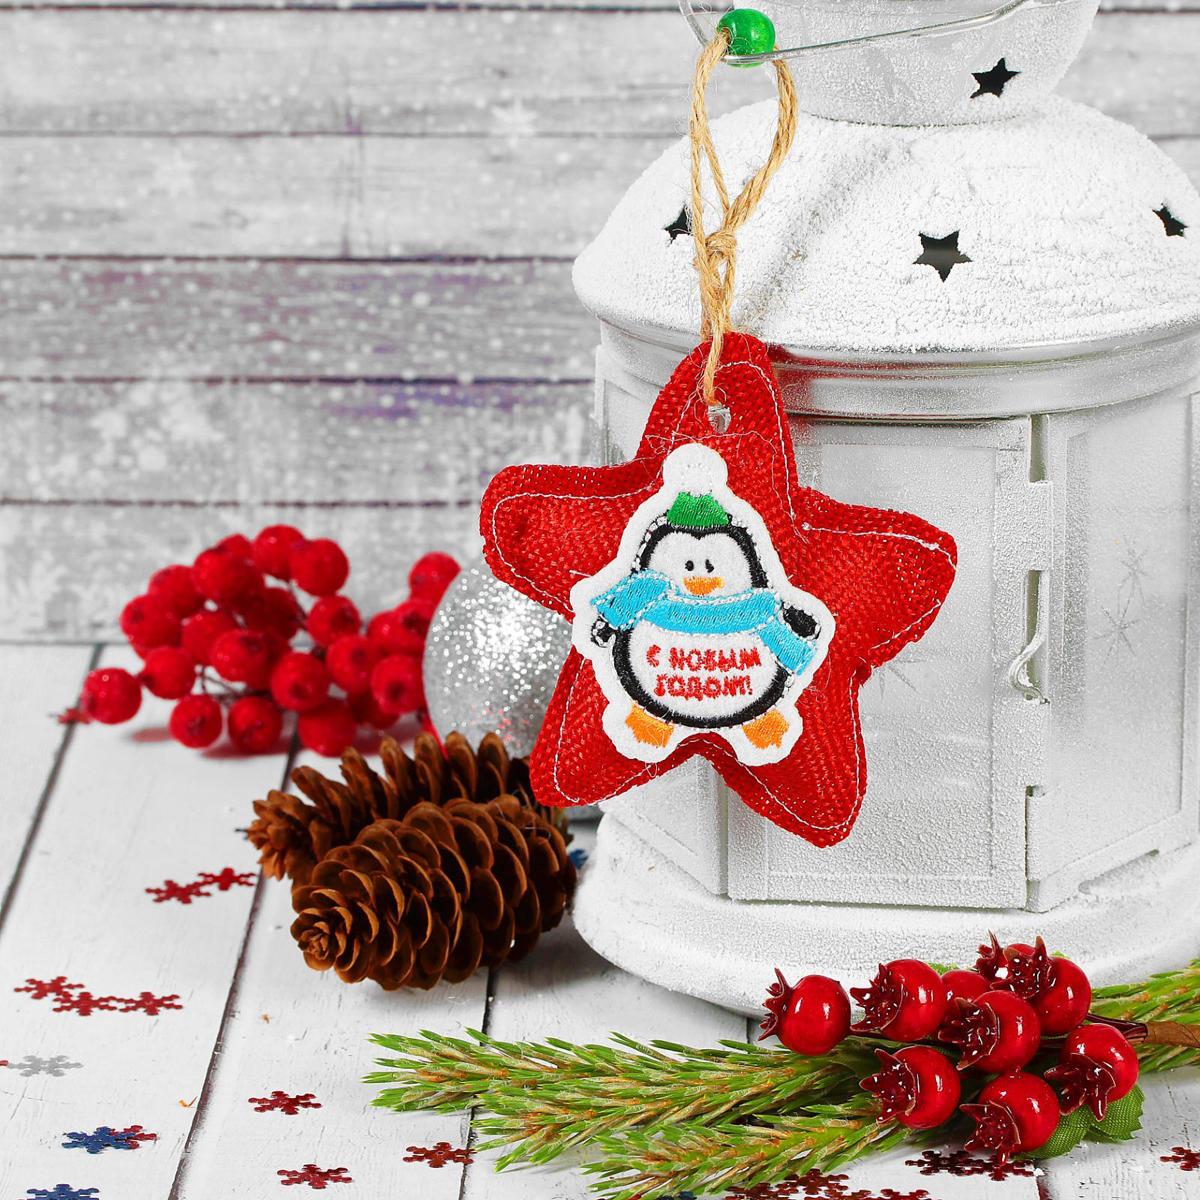 """Новогоднее подвесное украшение """"Страна Карнавалия"""", выполненное из текстиля, украсит  интерьер вашего дома или офиса в преддверии Нового года. Оригинальный дизайн и красочное  исполнение создадут праздничное настроение.  Новогодние украшения всегда несут в себе волшебство и красоту праздника. Создайте в своем  доме атмосферу тепла, веселья и радости, украшая его всей семьей."""